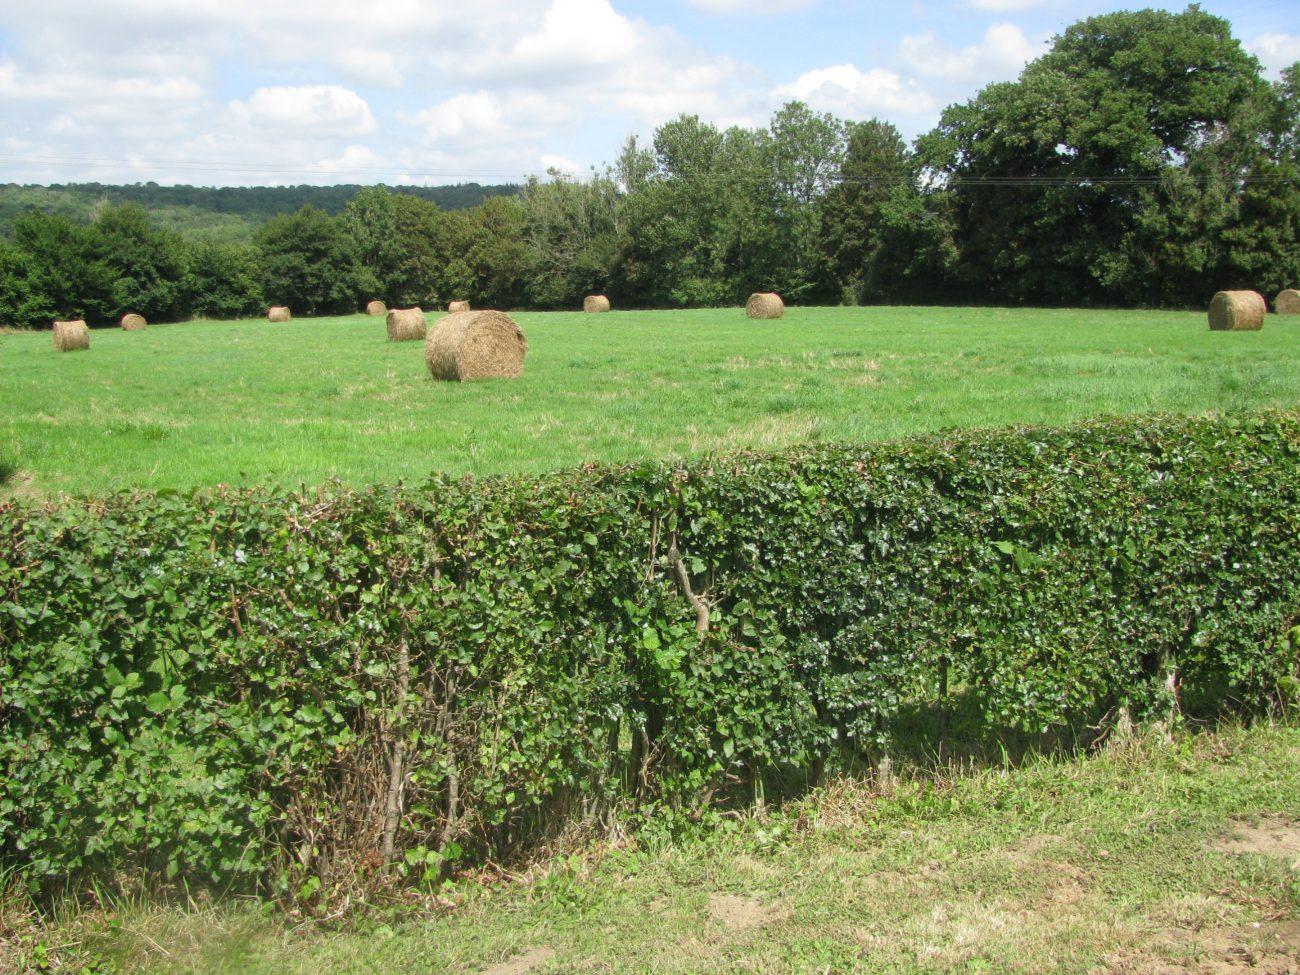 Haies Les Agriculteurs Participent A Leur Entretien Terres Et